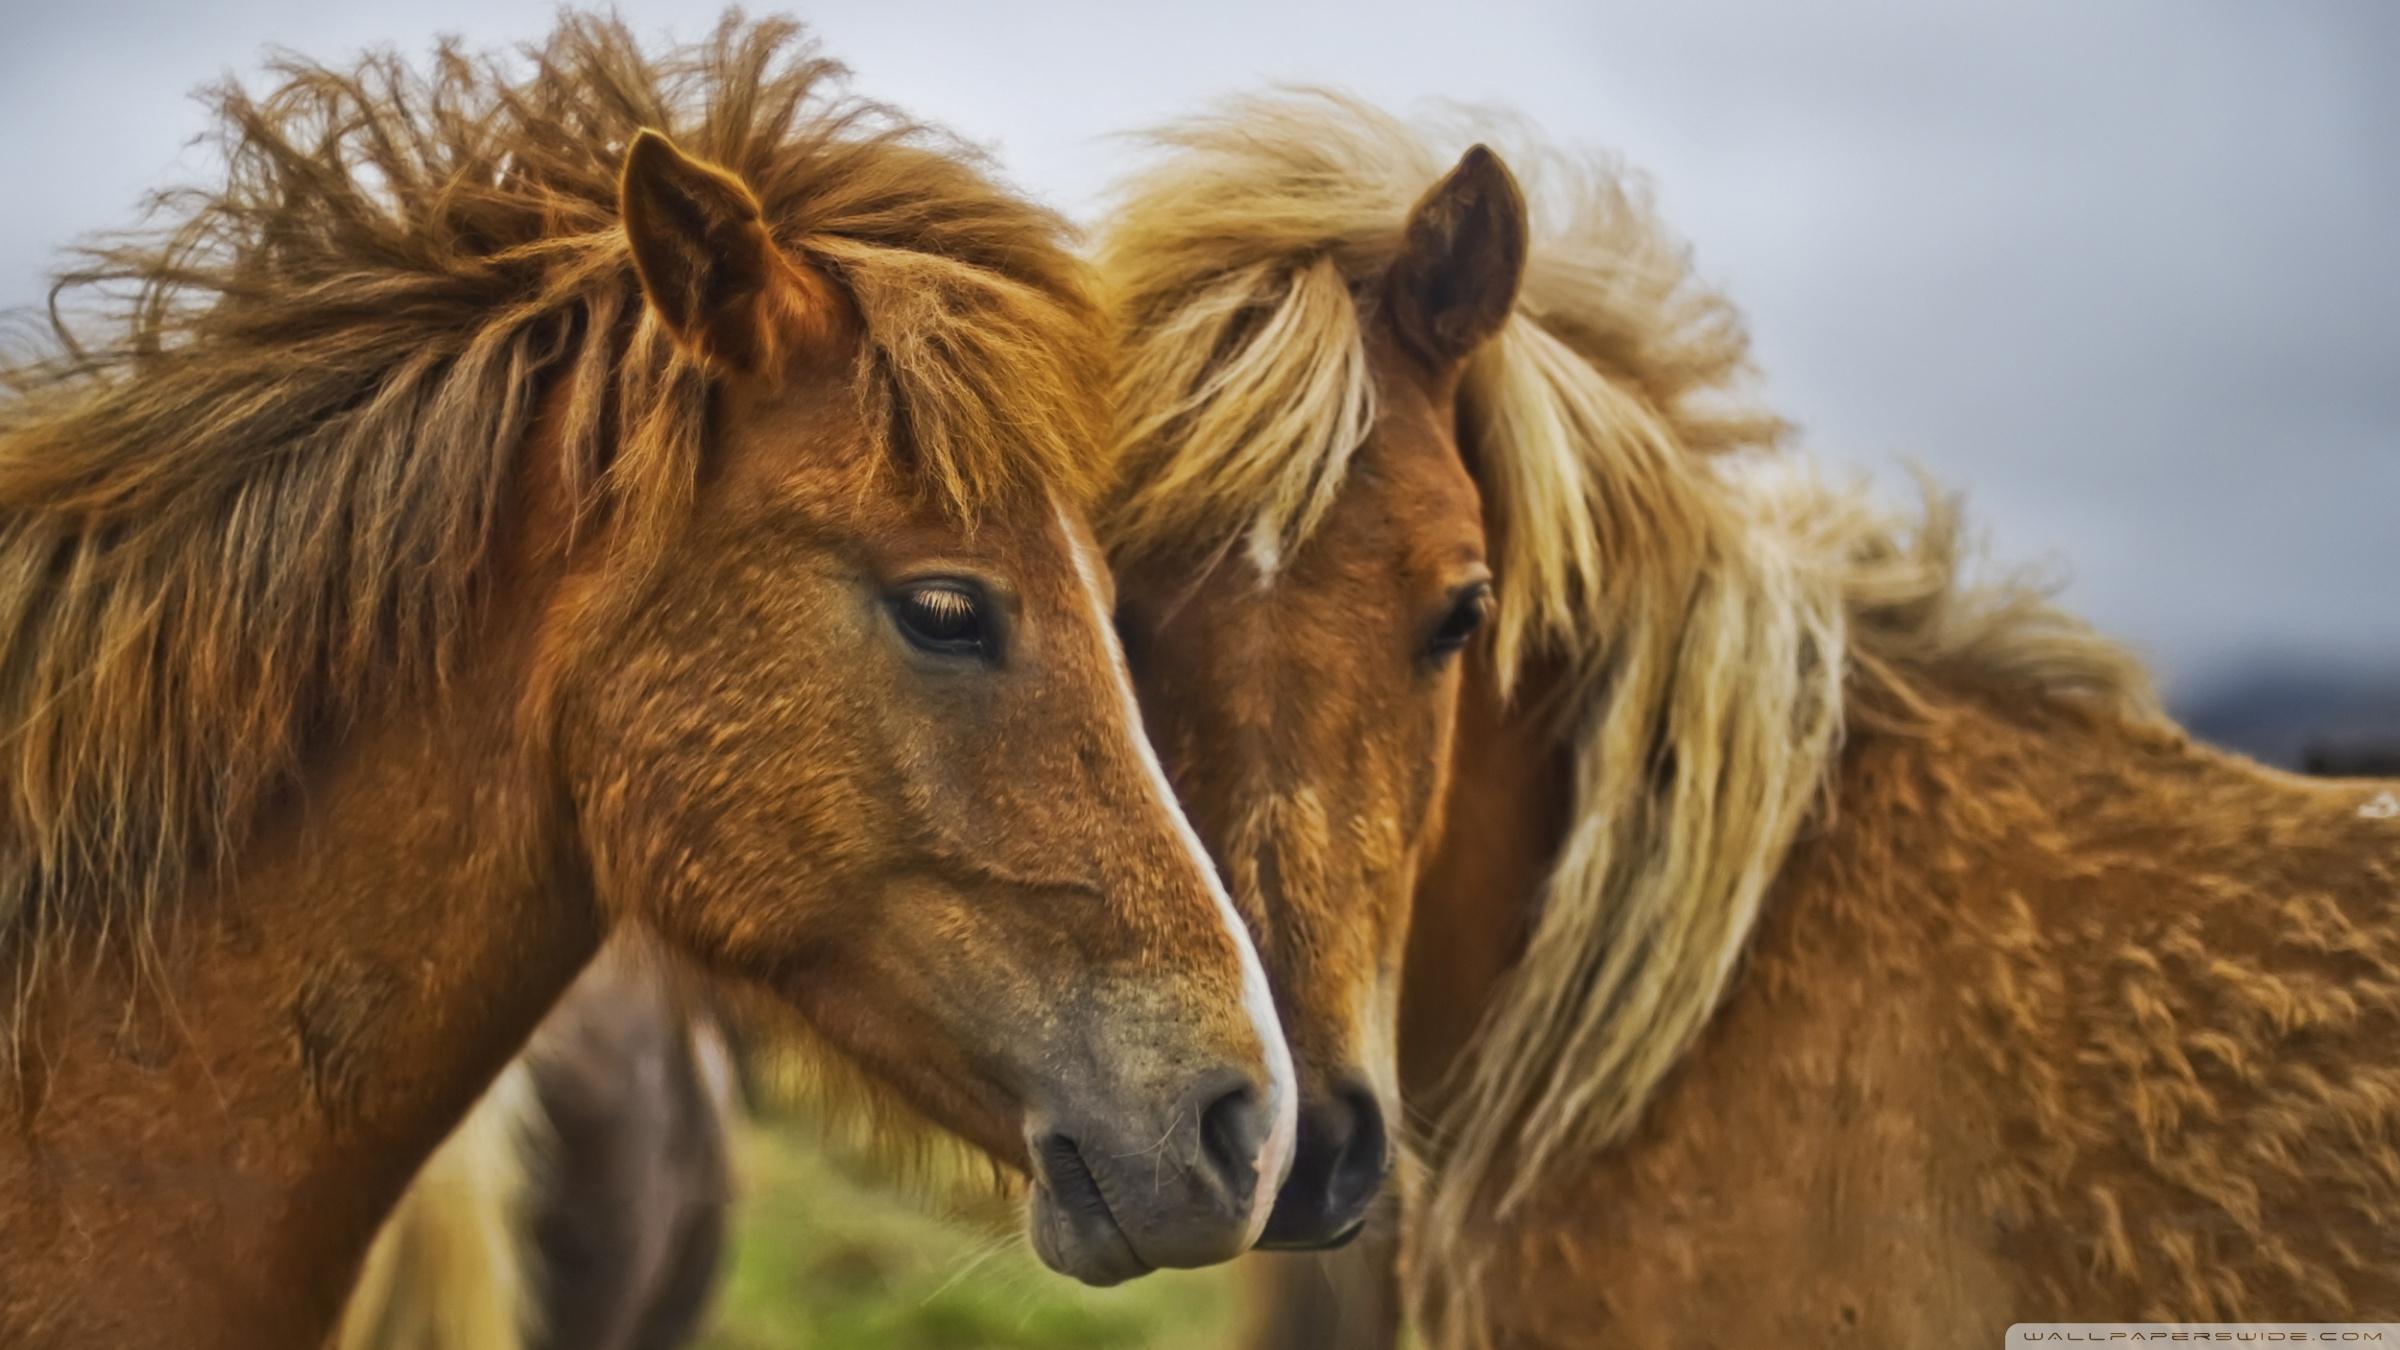 Beautiful Horses Wallpaper Beautiful Horses 4k Hd Beautiful Horses Images Hd 1893743 Hd Wallpaper Backgrounds Download